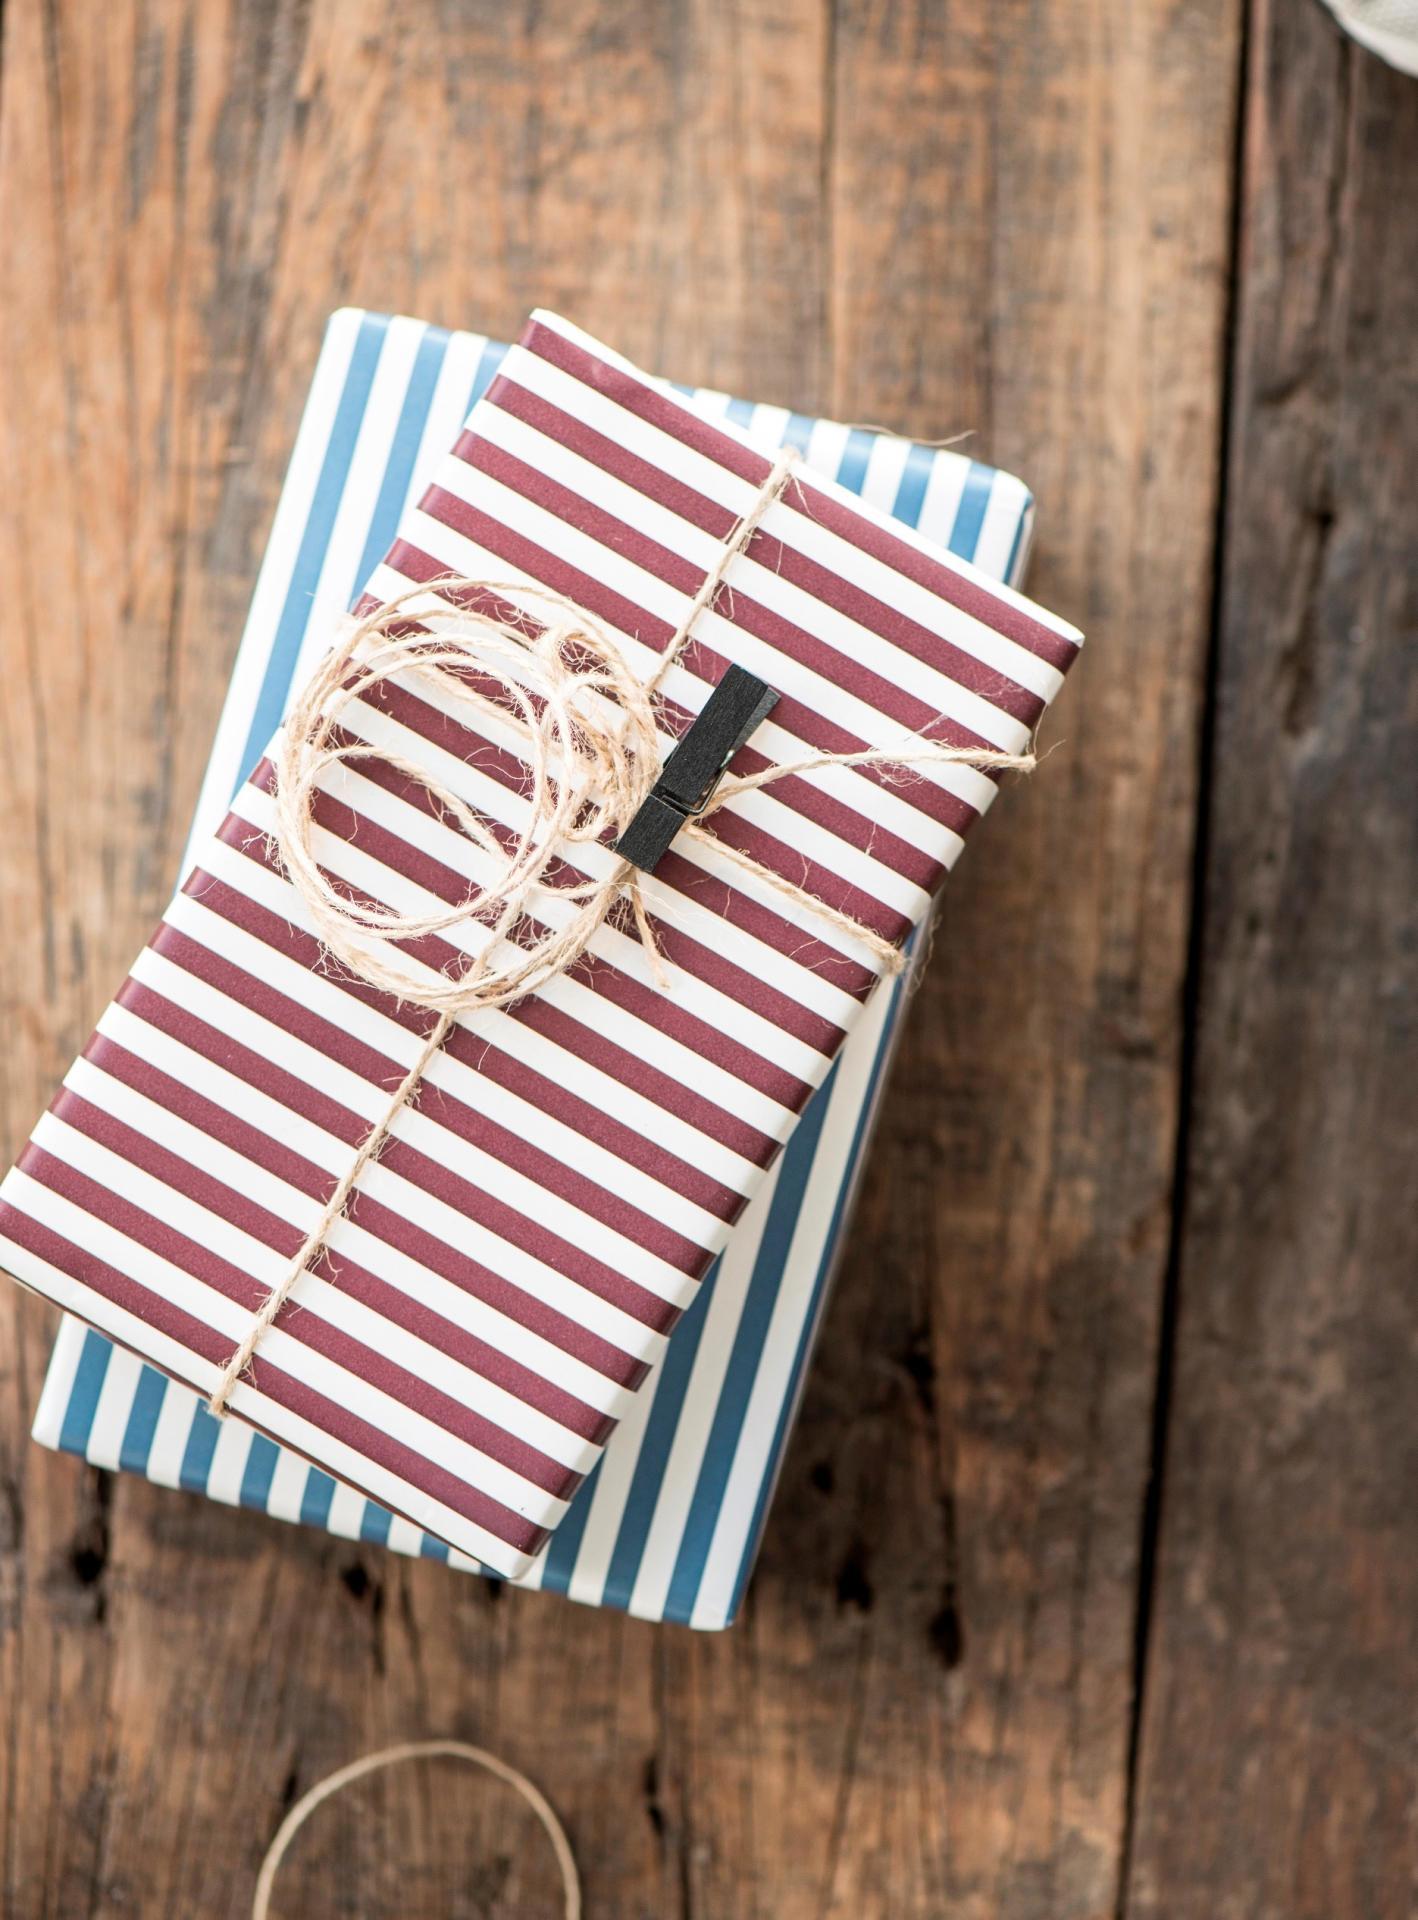 IB LAURSEN Balicí papír Burgundy Wide - 10m, červená barva, papír